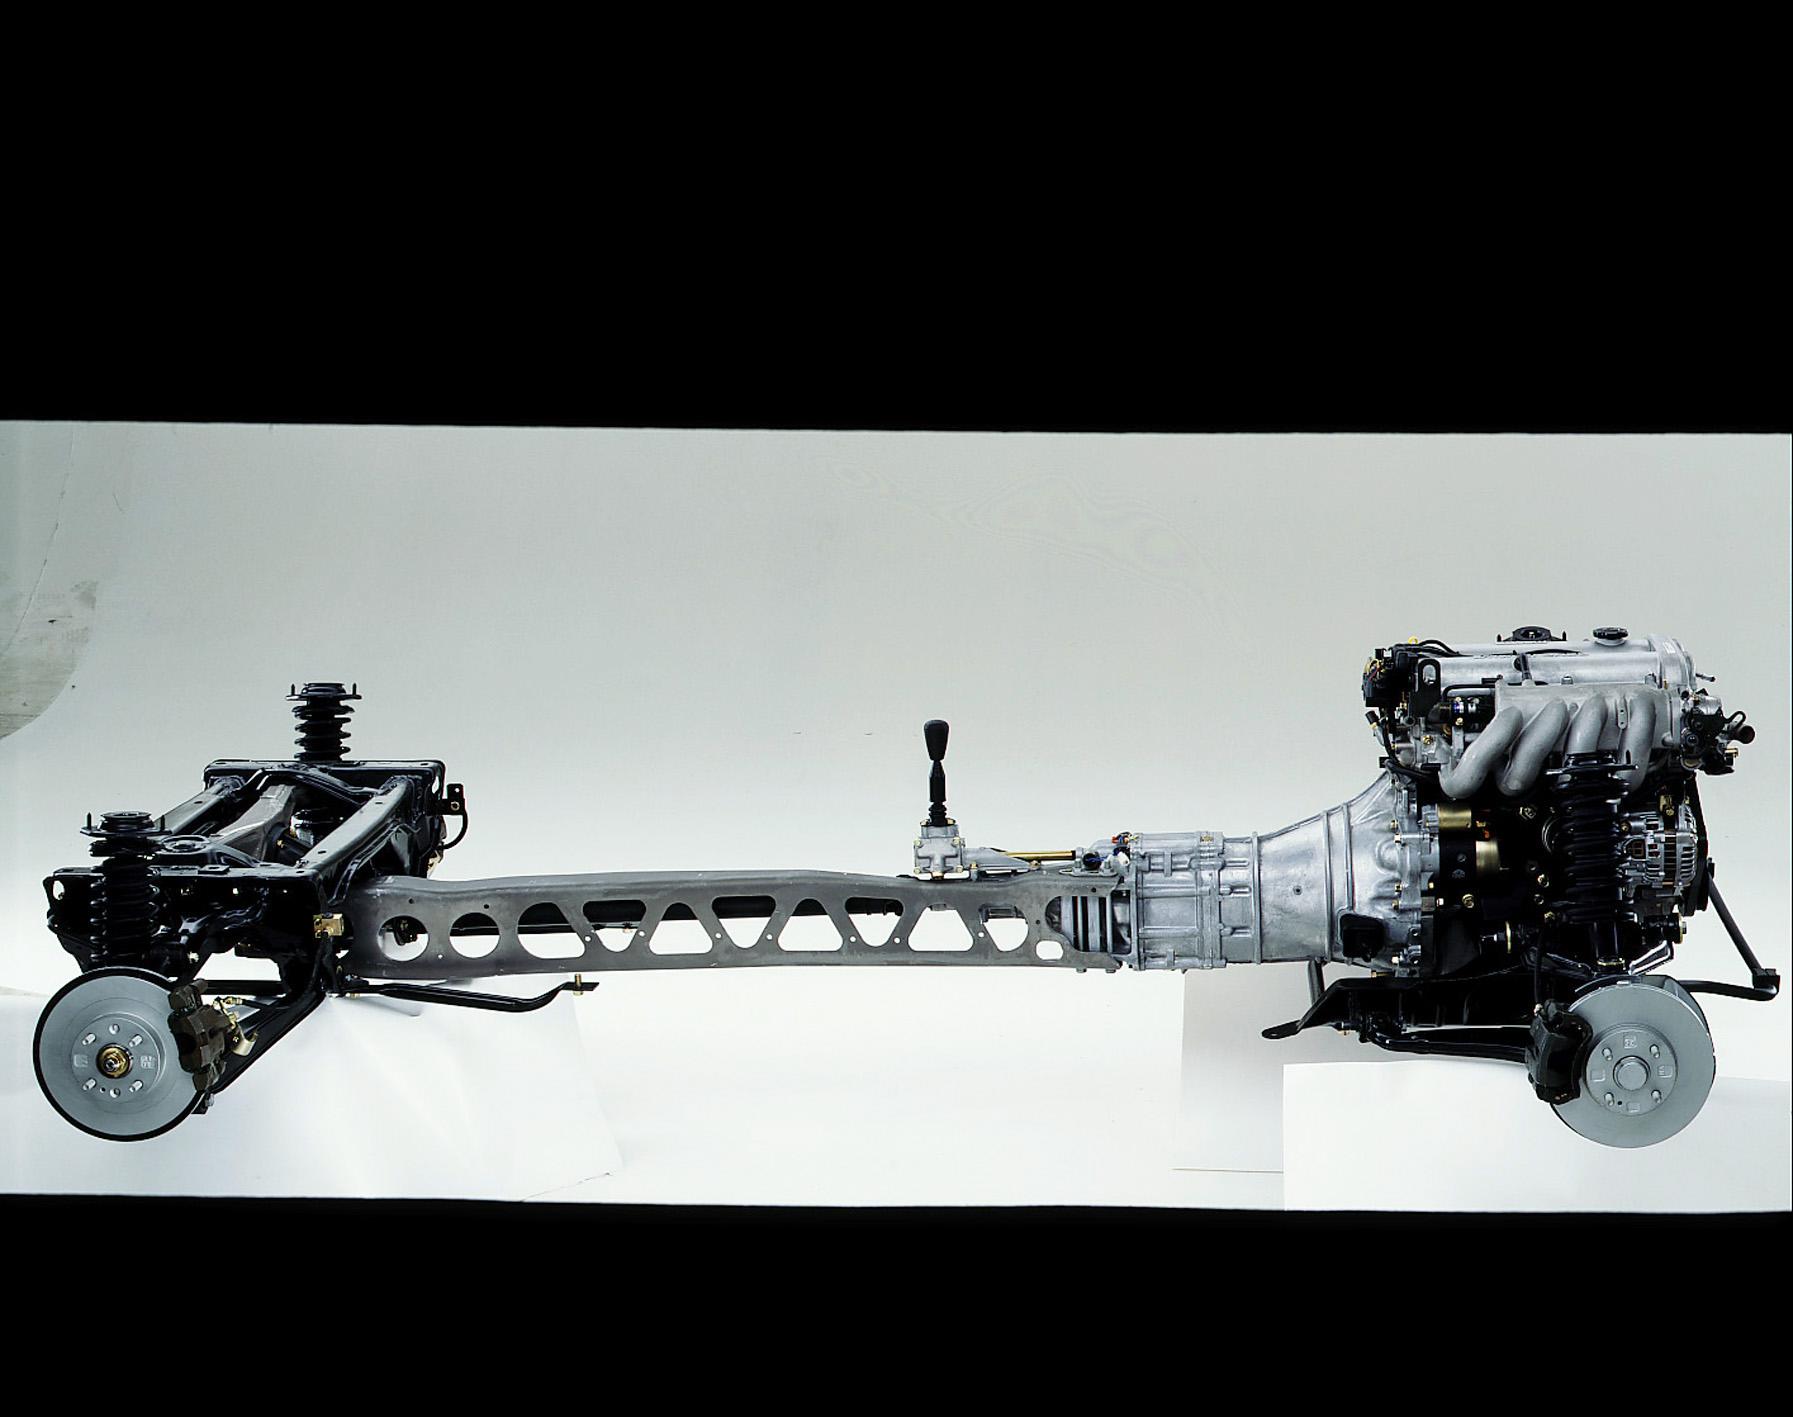 1990 mazda mx5 miata chassis suspension